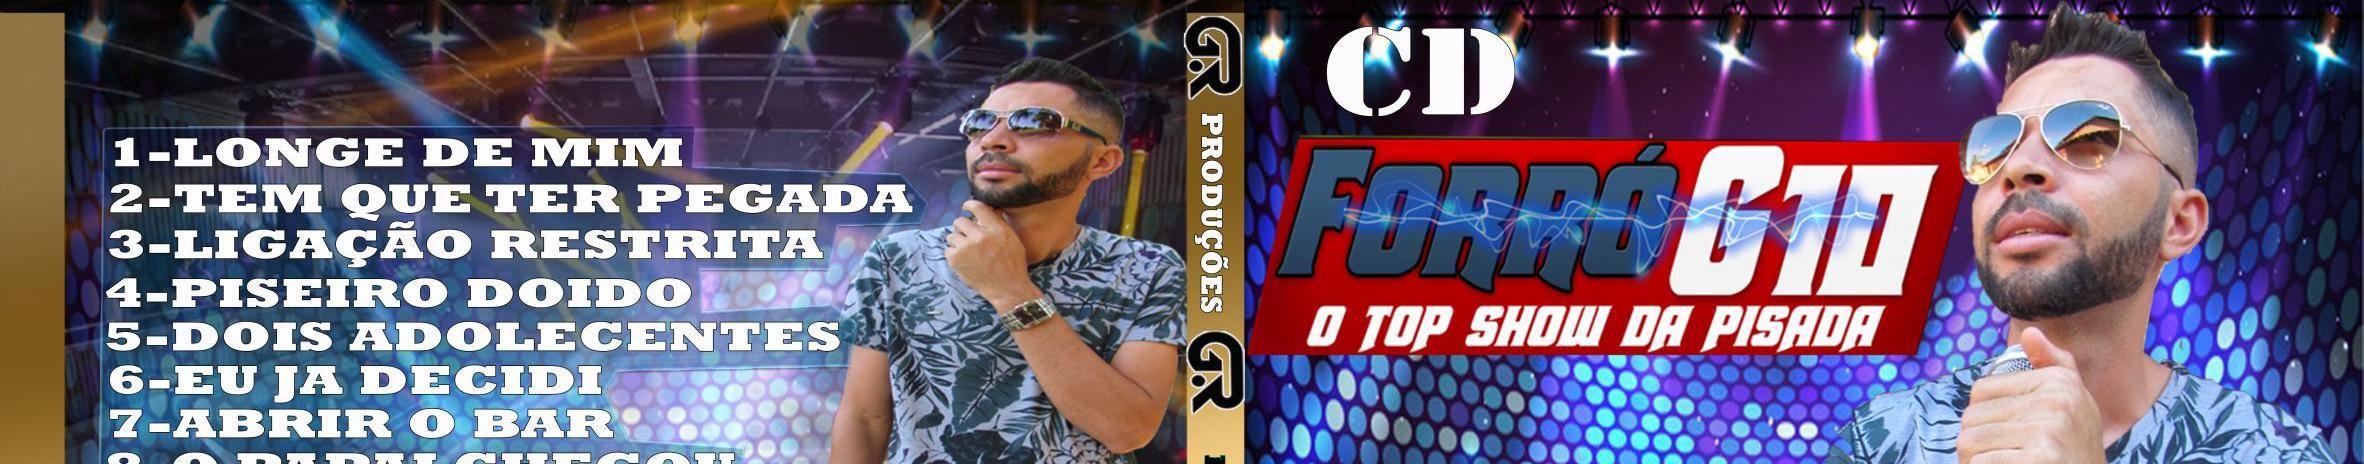 Imagem de capa de FORRÓ G10 O TOP SHOW DA PISADA